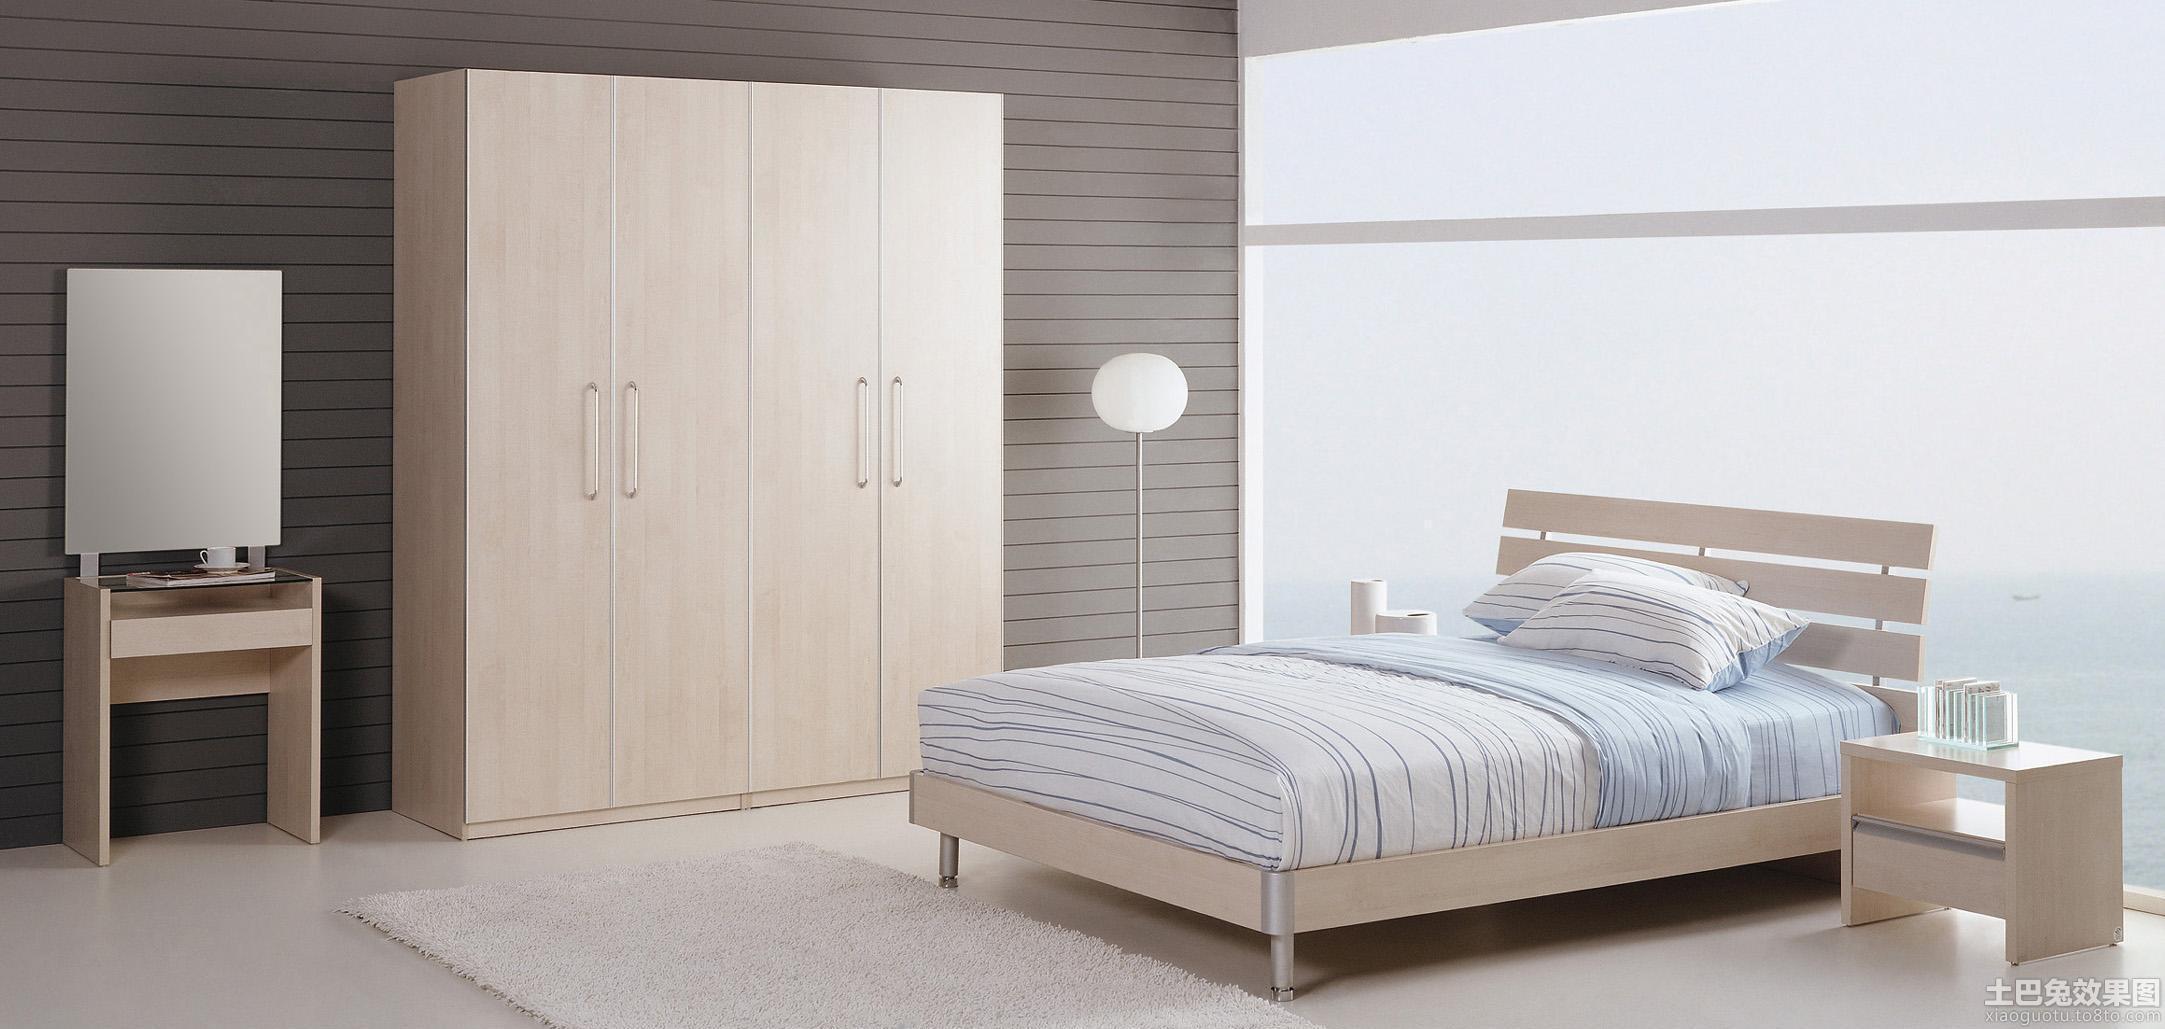 红苹果家具衣�9f�x�_红苹果家具卧室图